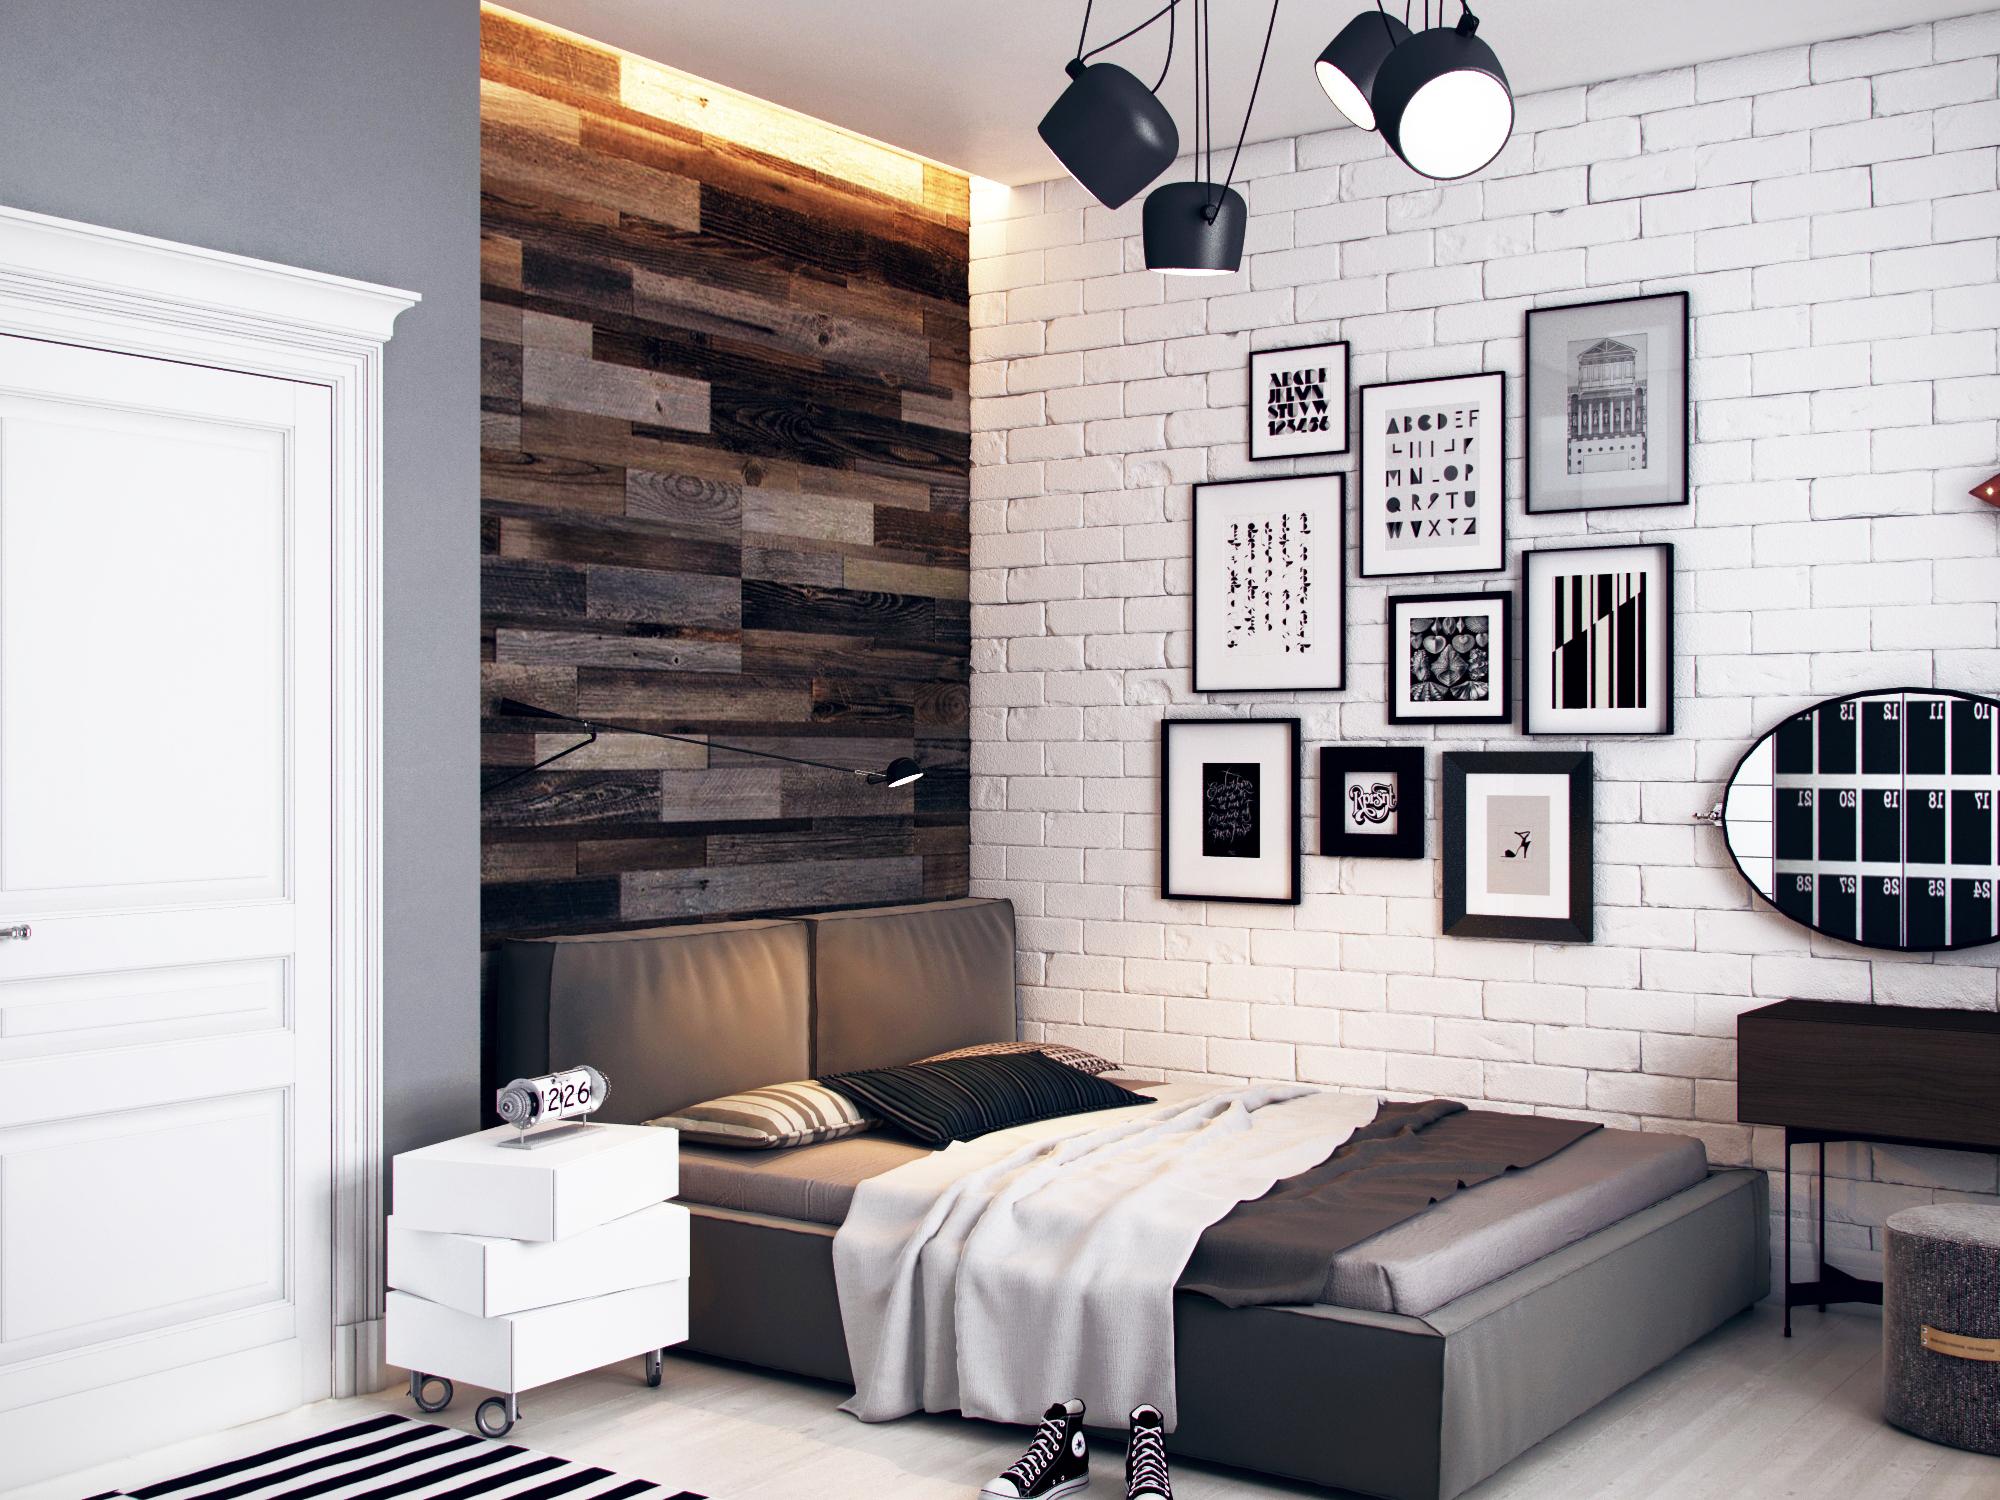 Черно-белые картины на кирпичной стене в спальне